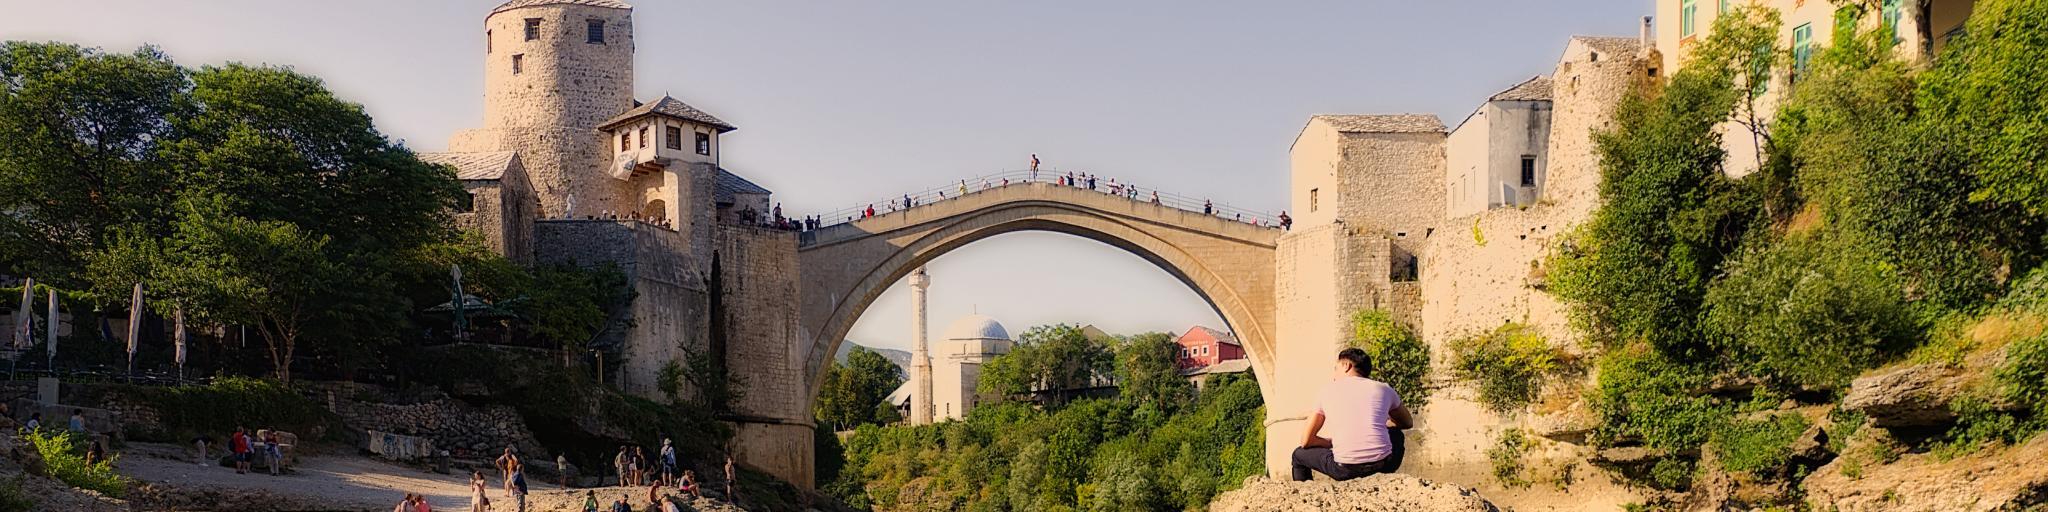 Stari Most (Old Bridge) over the river Neretva in Mostar, Bosnia